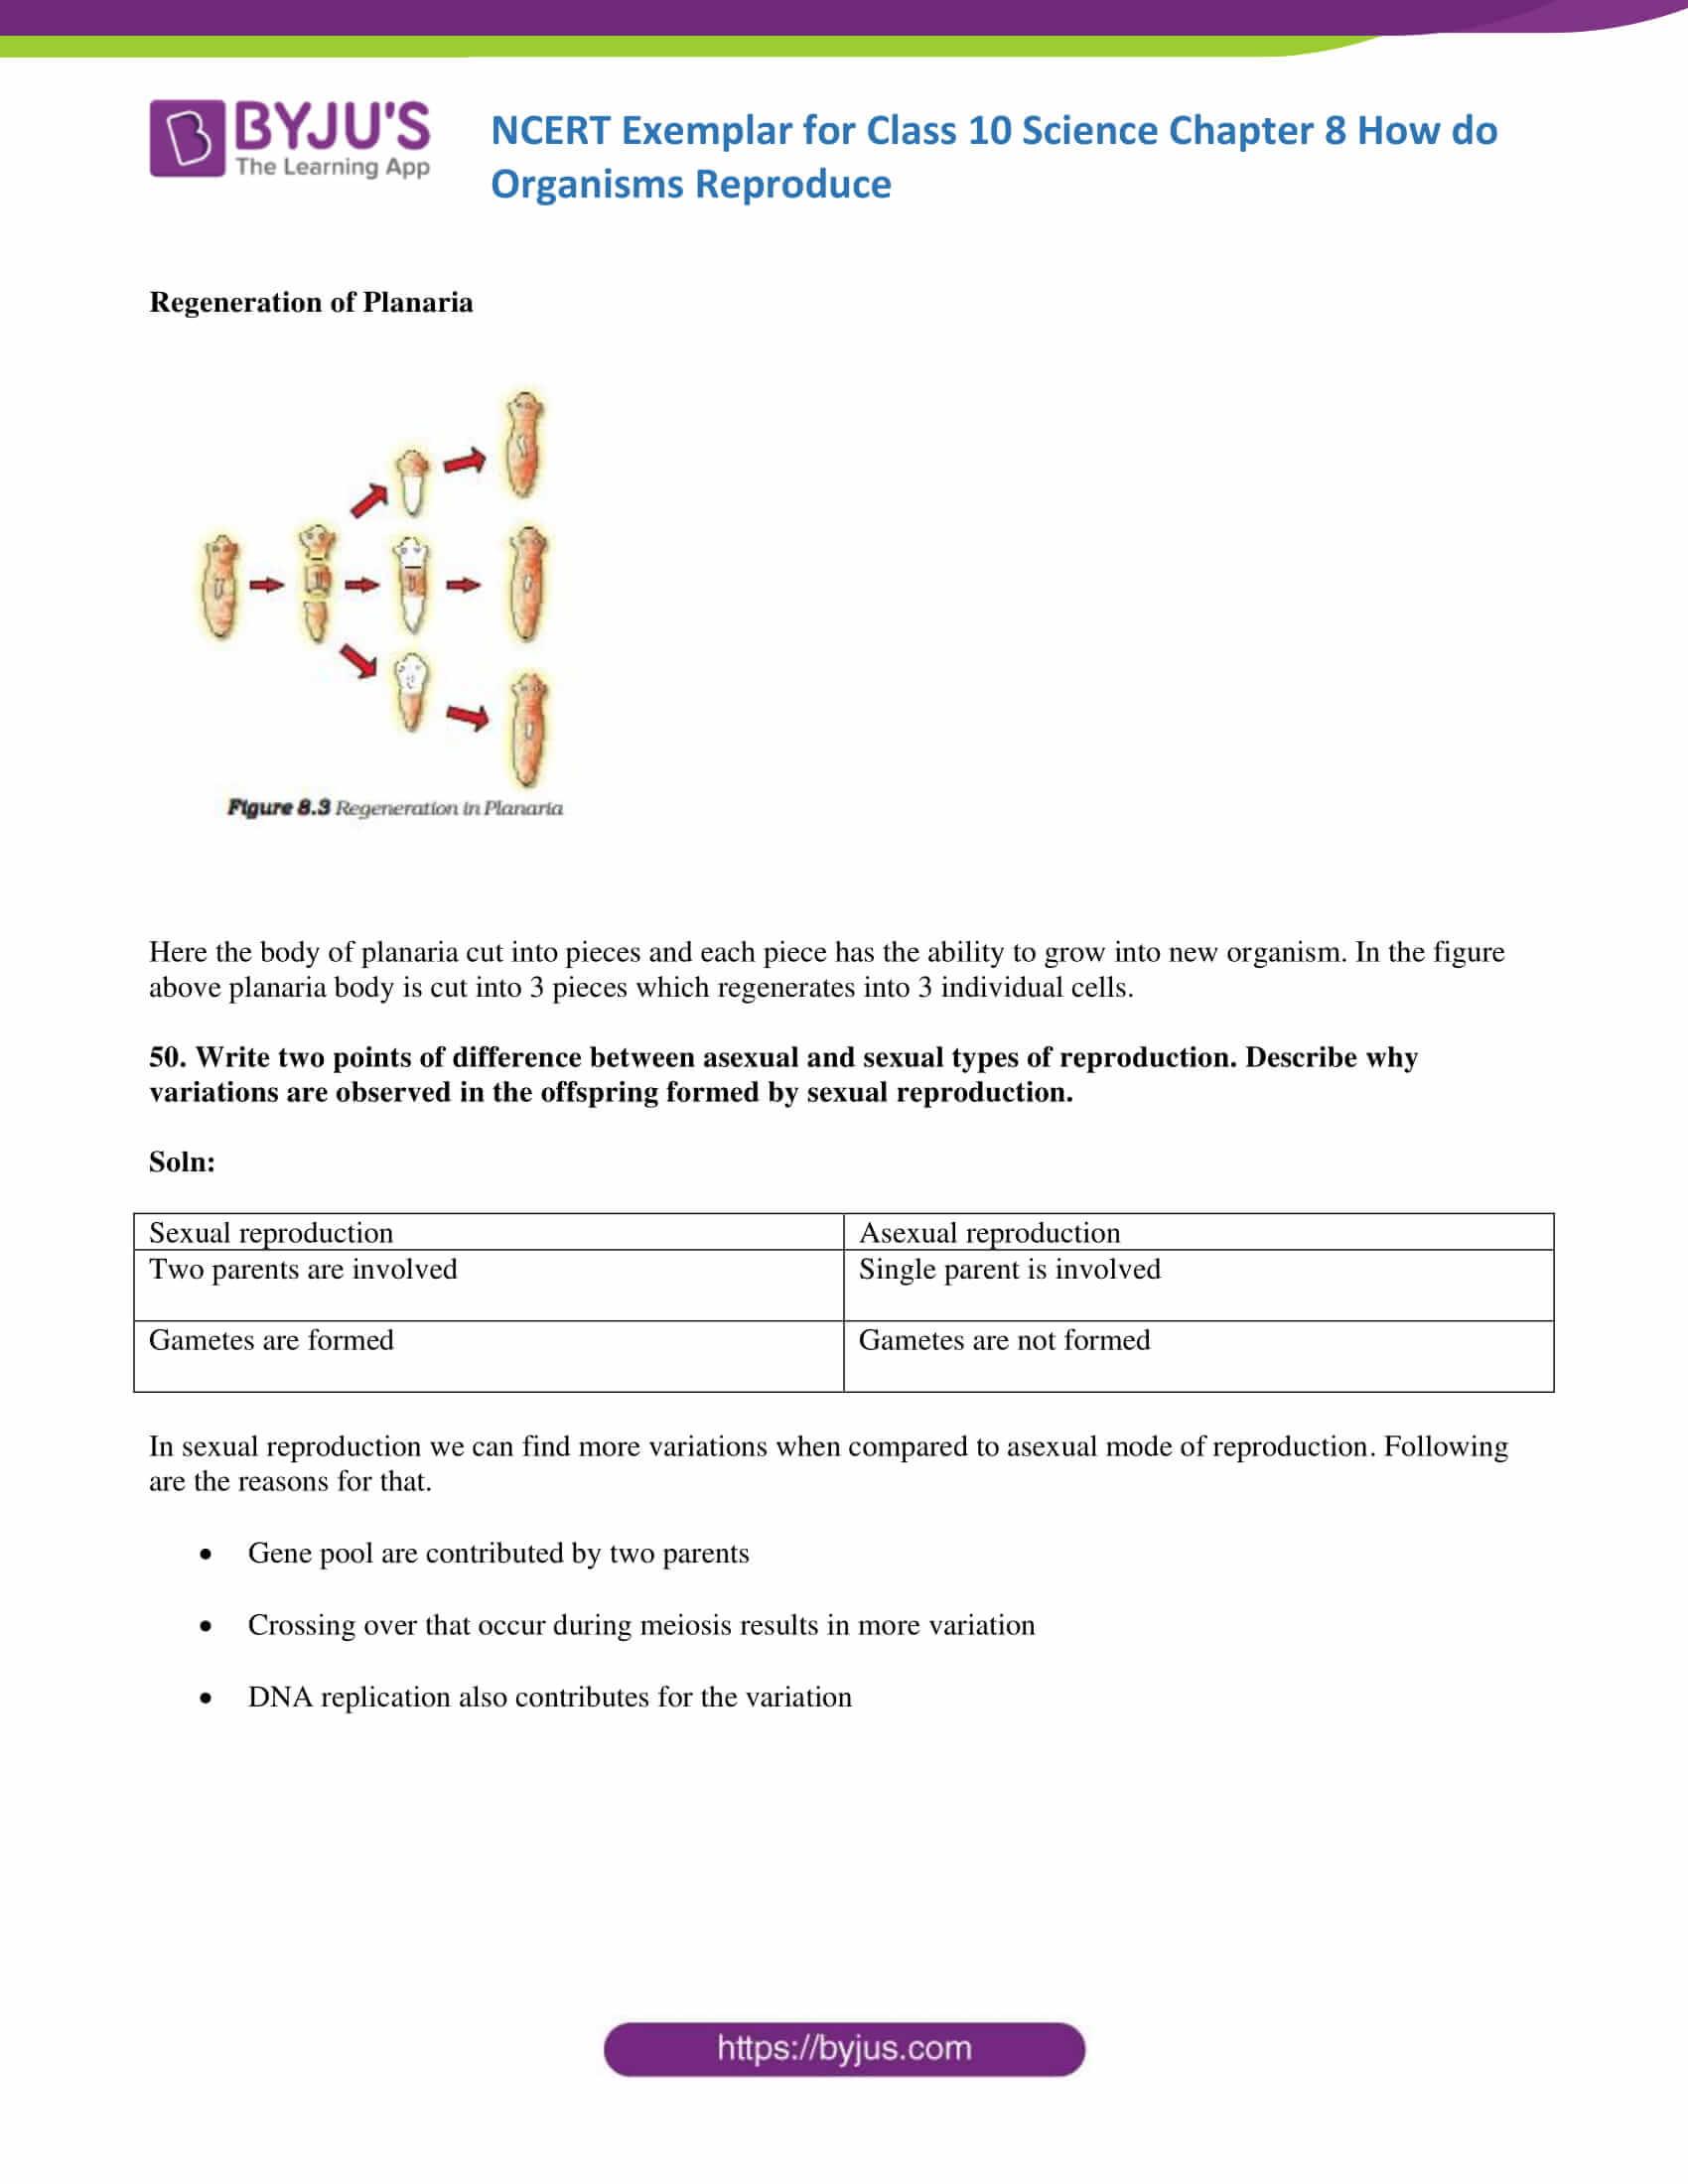 NCERT Exemplar solution class 10 Science Chapter 8 part 16